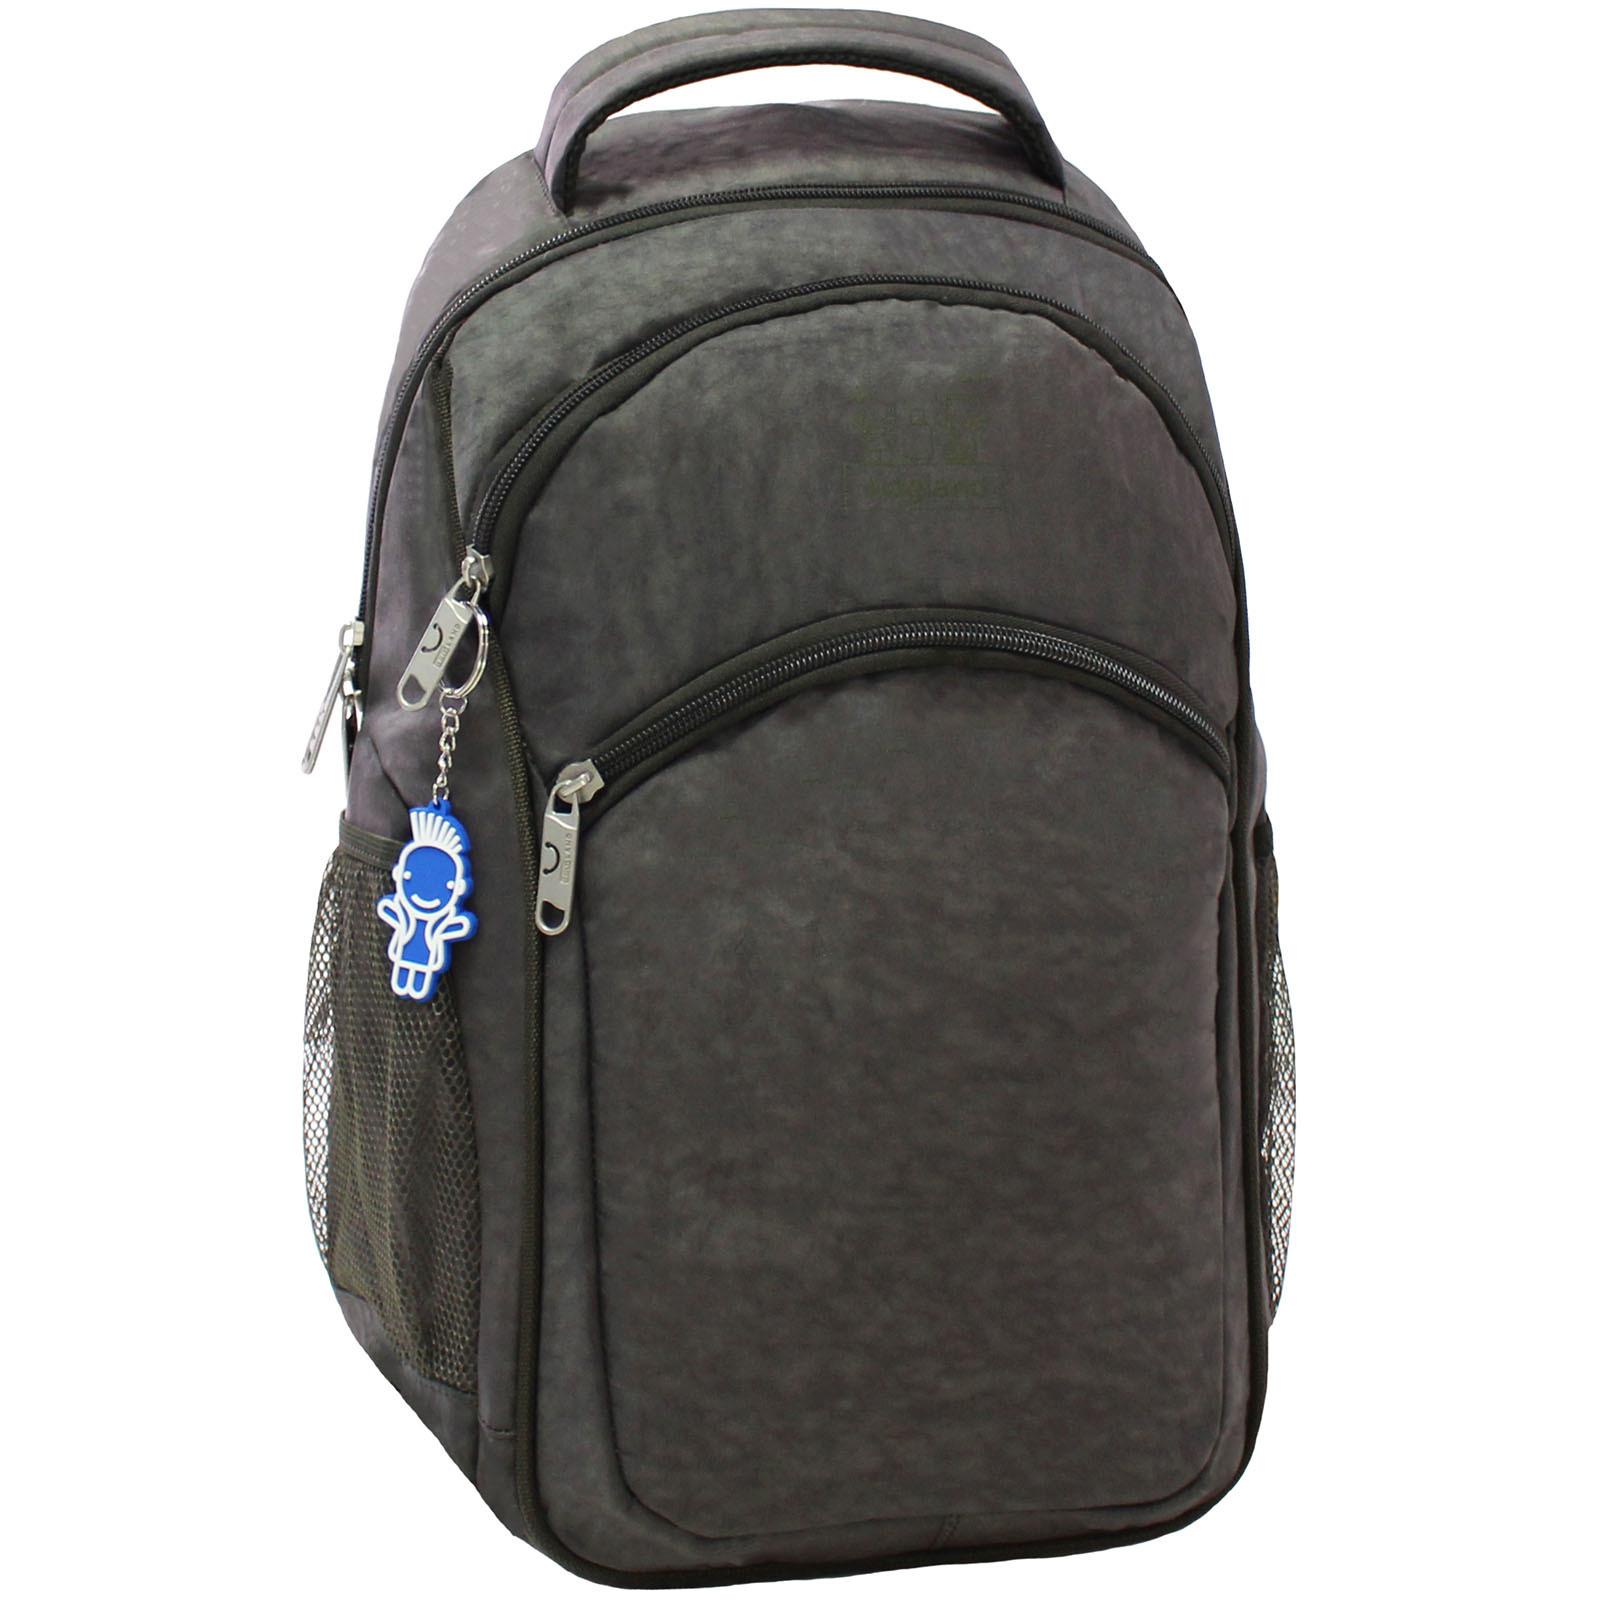 Городские рюкзаки Рюкзак Bagland Лик 21 л. Хаки (0055770) IMG_6521.JPG